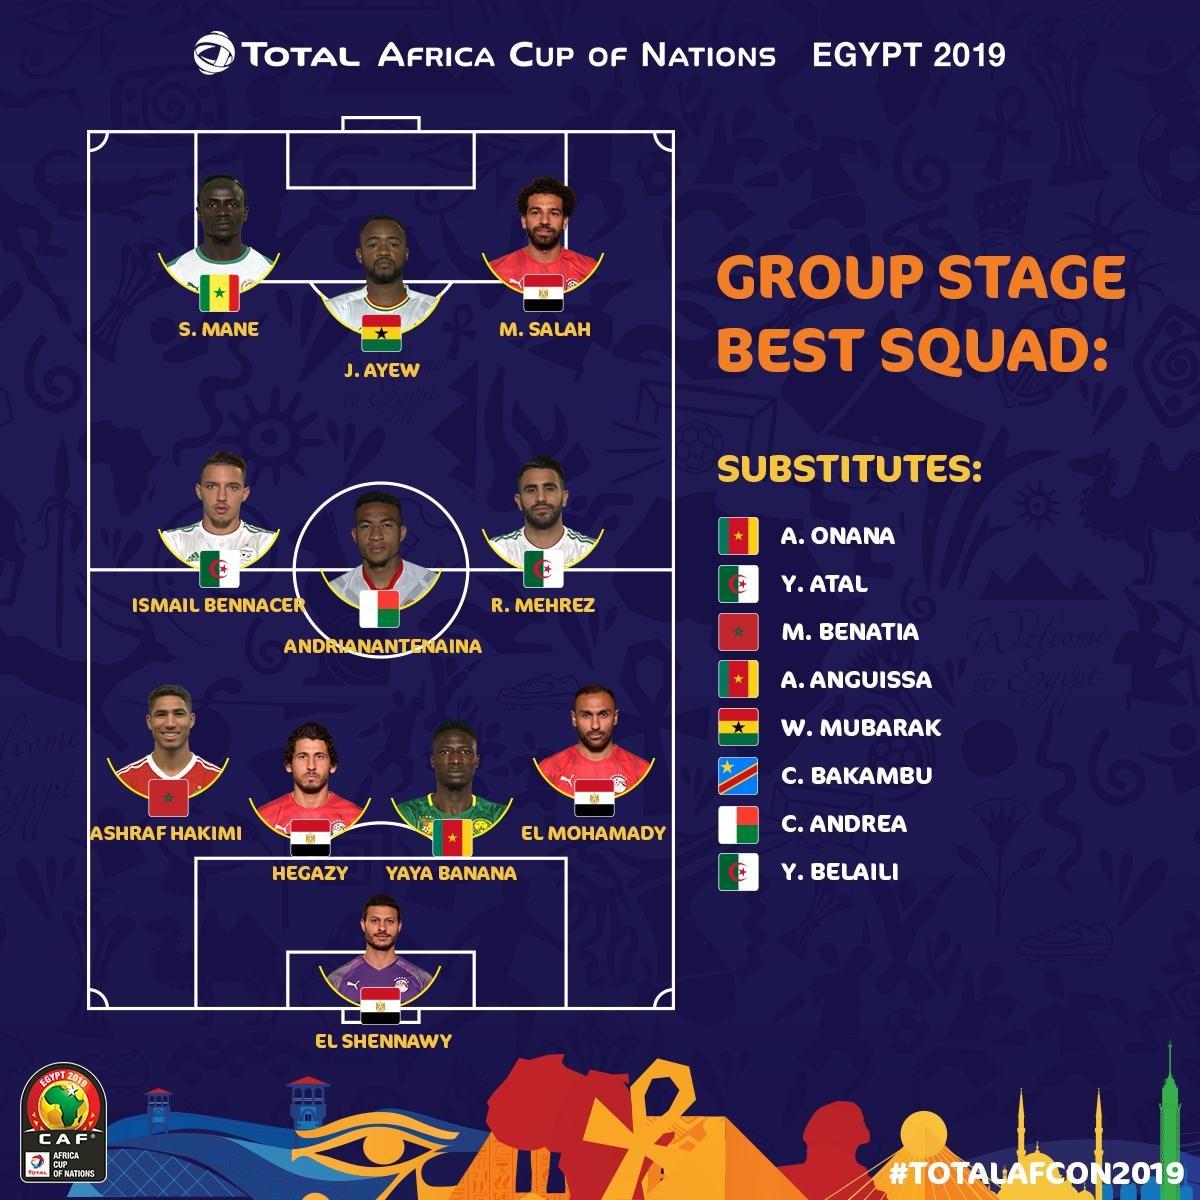 非洲杯小组赛最佳阵:马内、萨拉赫领衔,巴坎布进替补